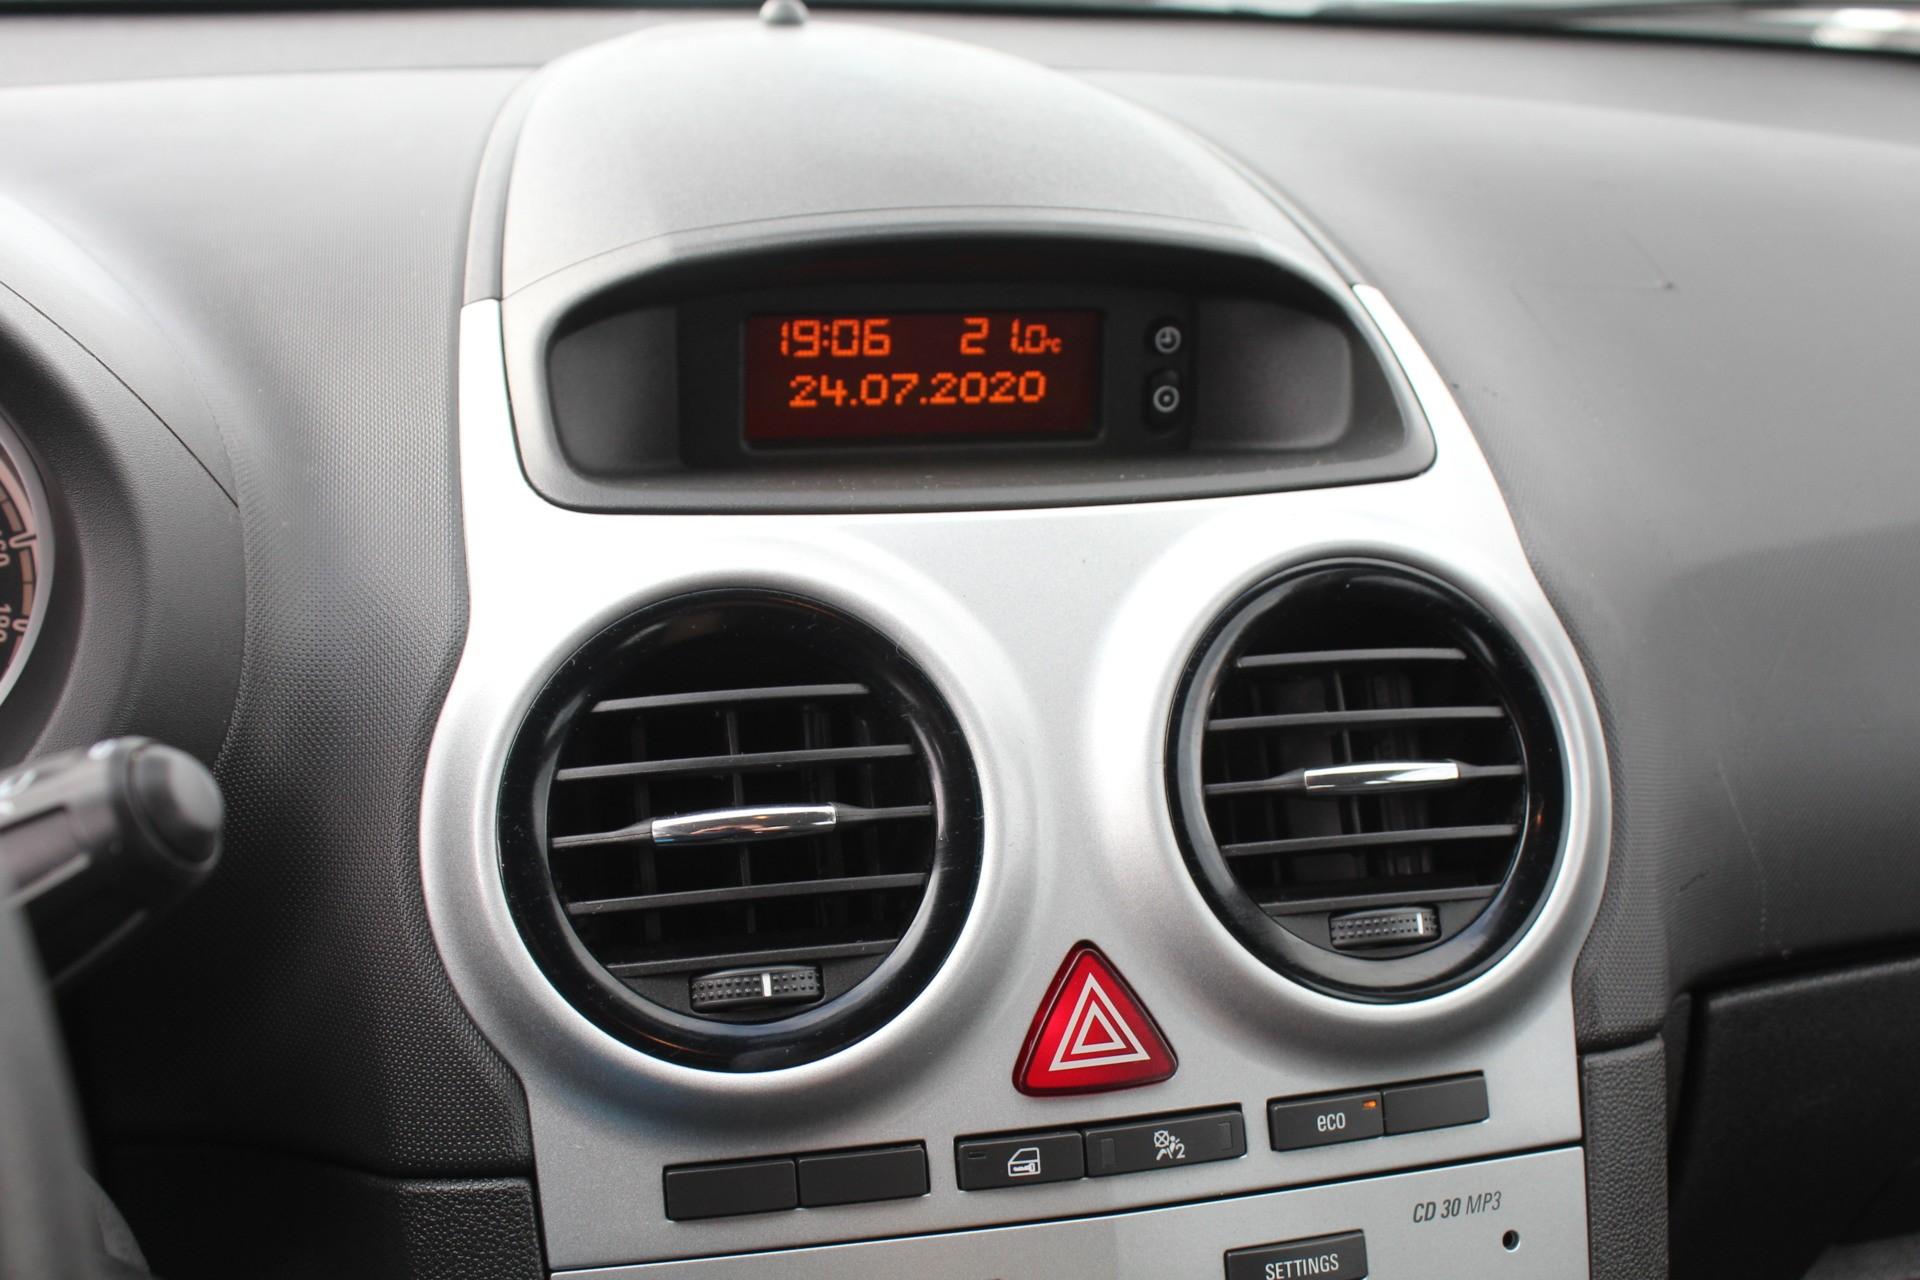 Caroutlet Groningen - Opel Corsa 1.4-16V | AIRCO | CRUISE | ELEK PAKKET